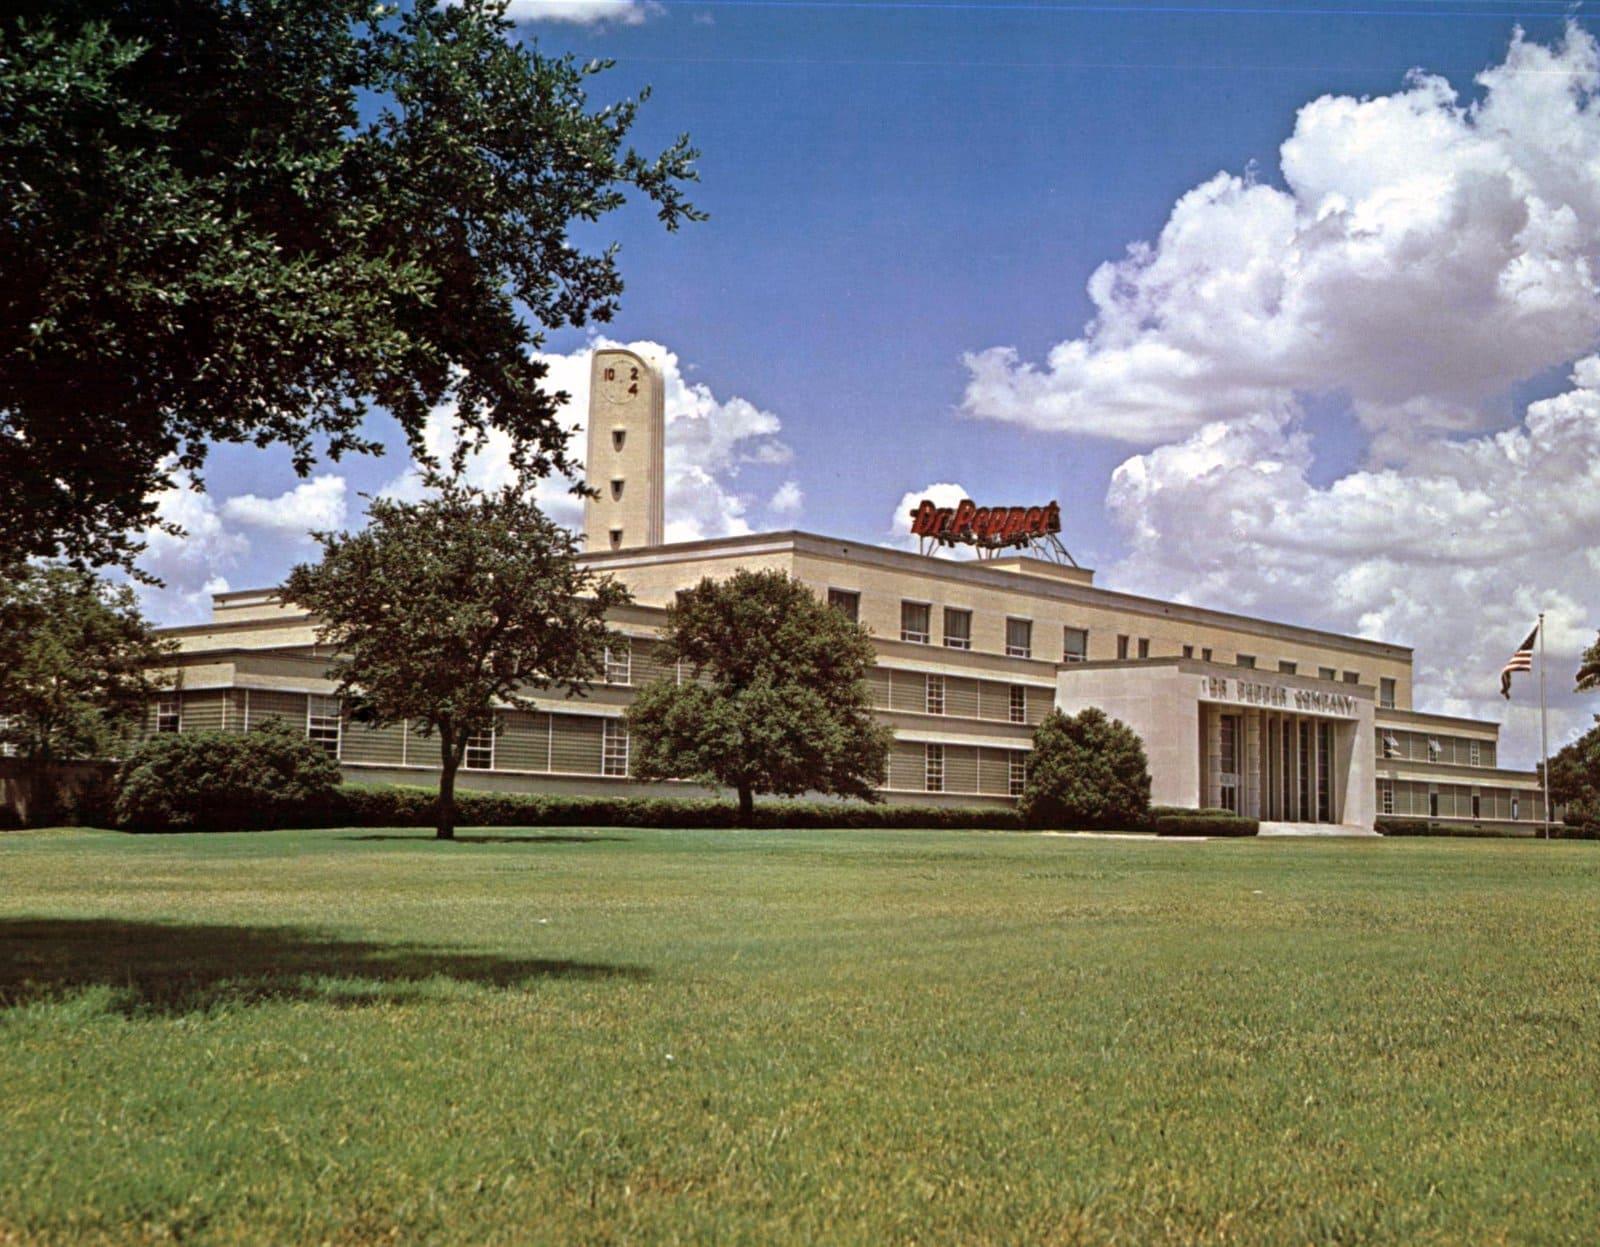 Dr Pepper headquarters in 1970